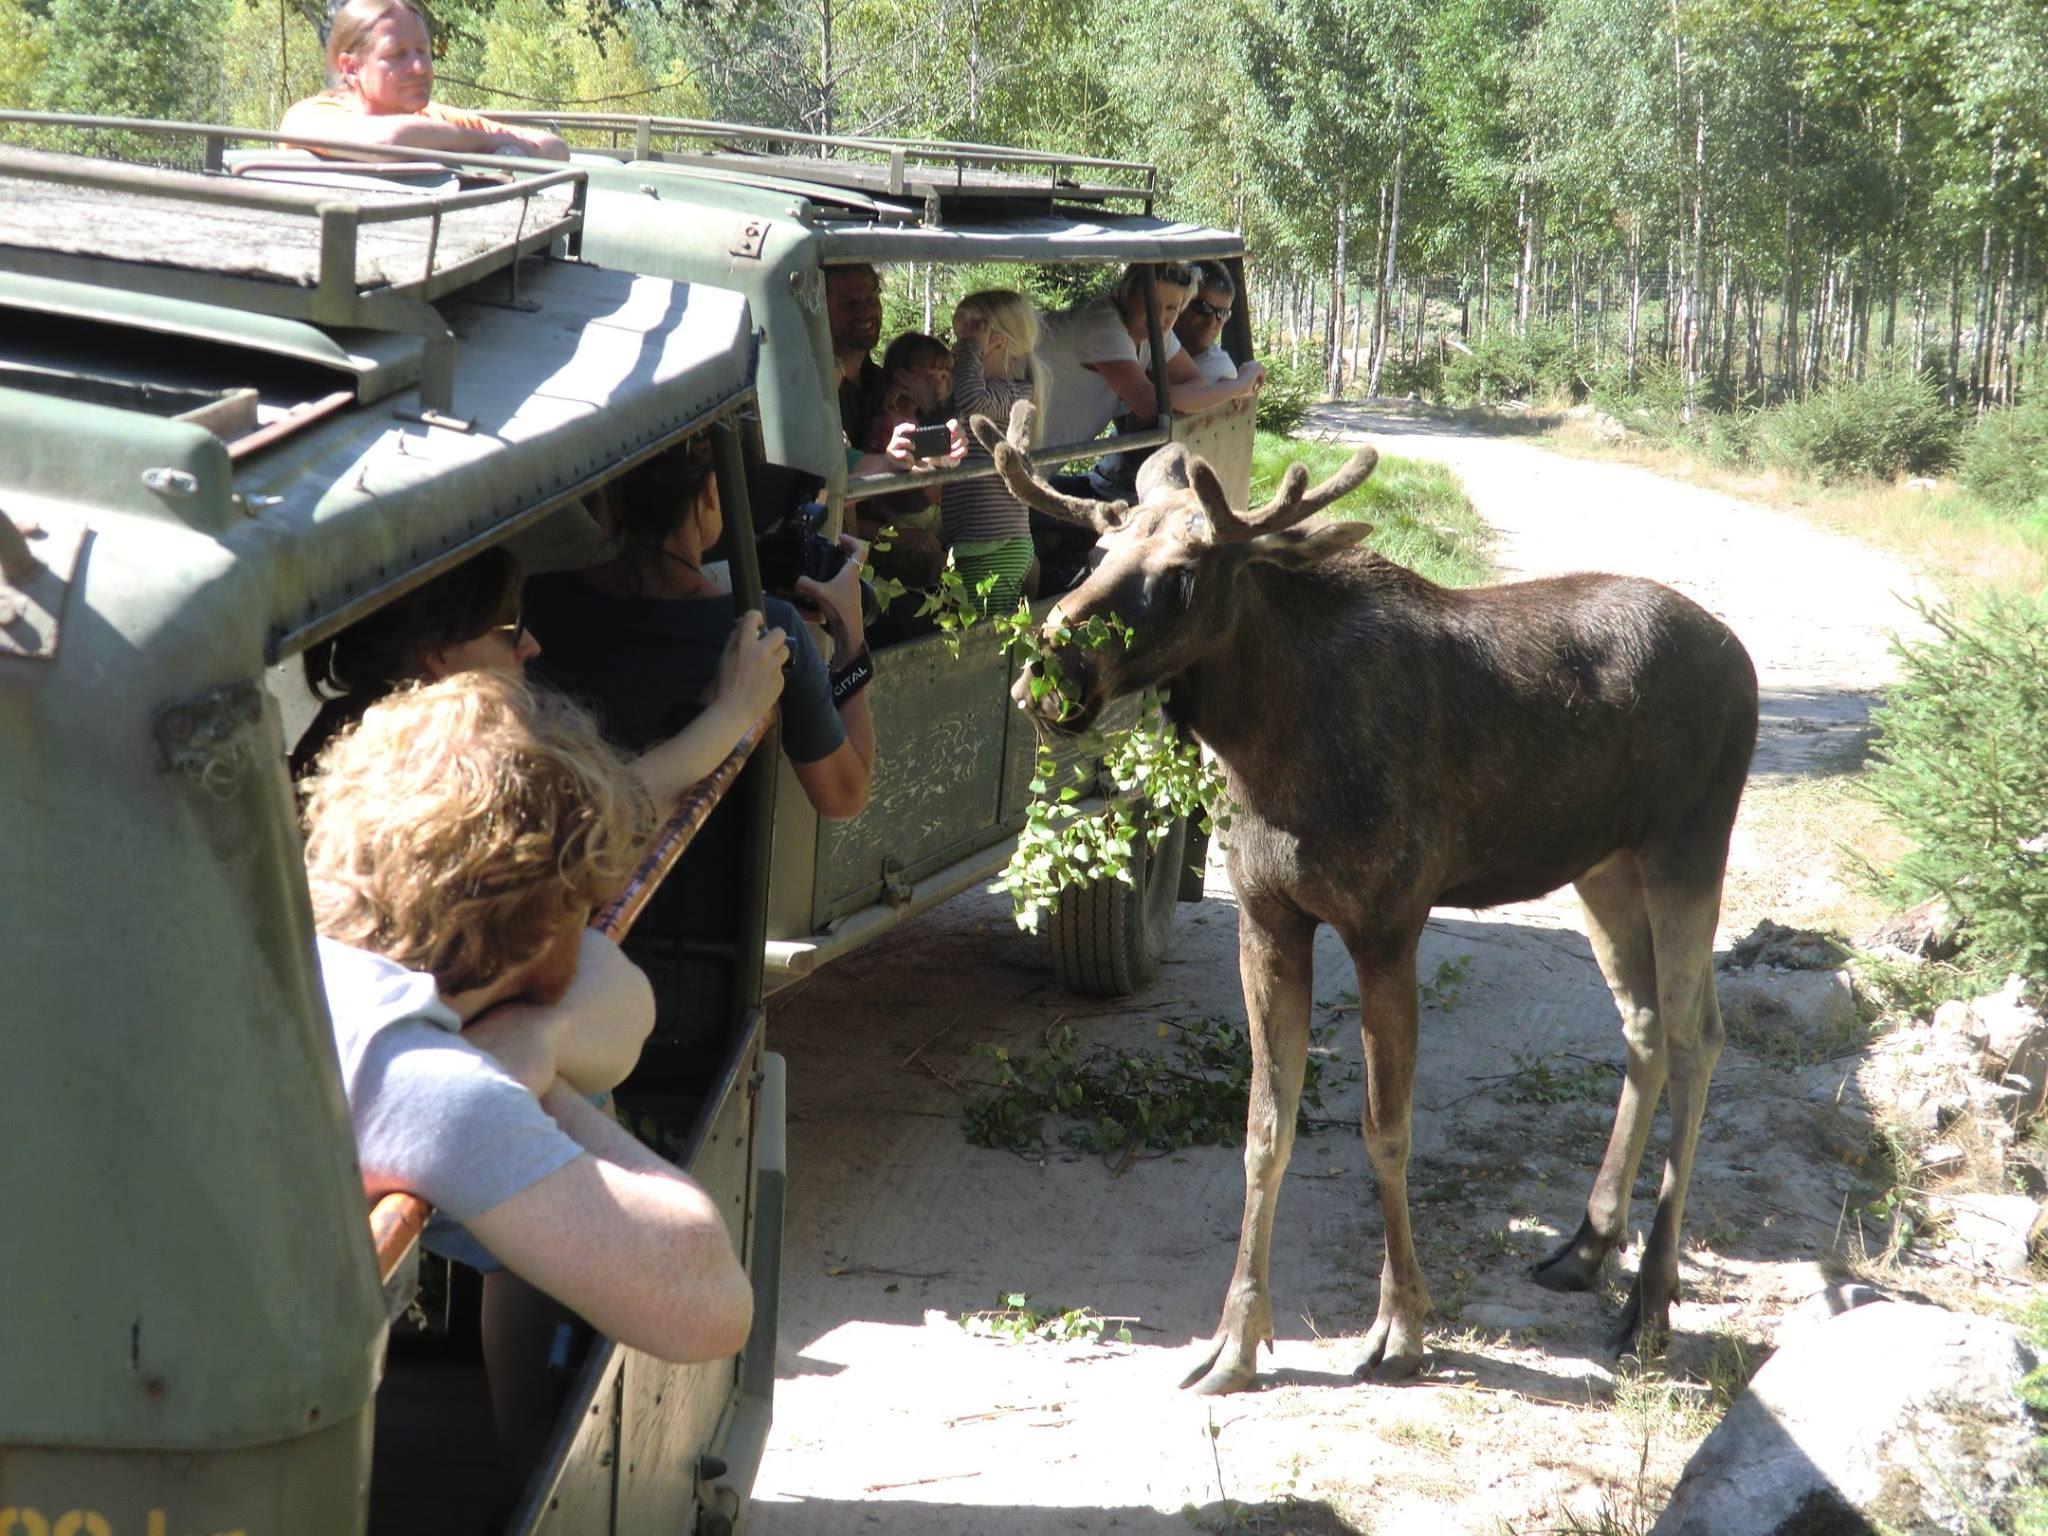 Glasrikets älgpark, Glasriket Moosepark